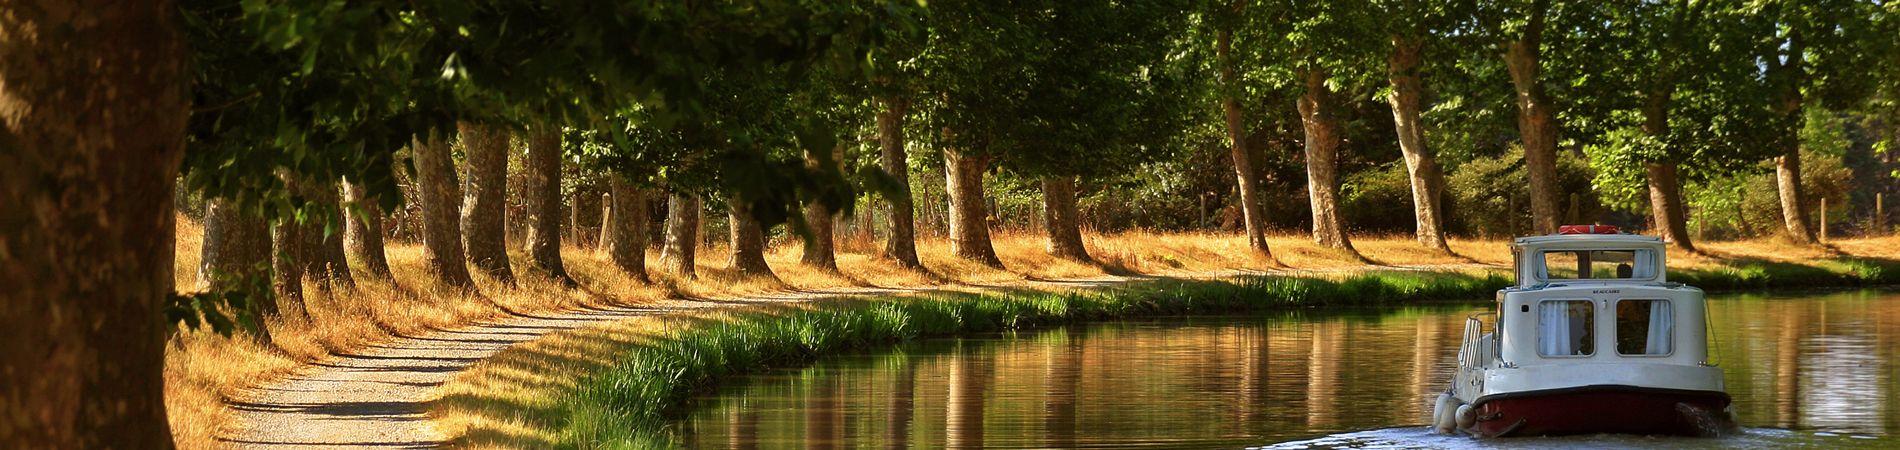 Le canal du midi à Narbonne